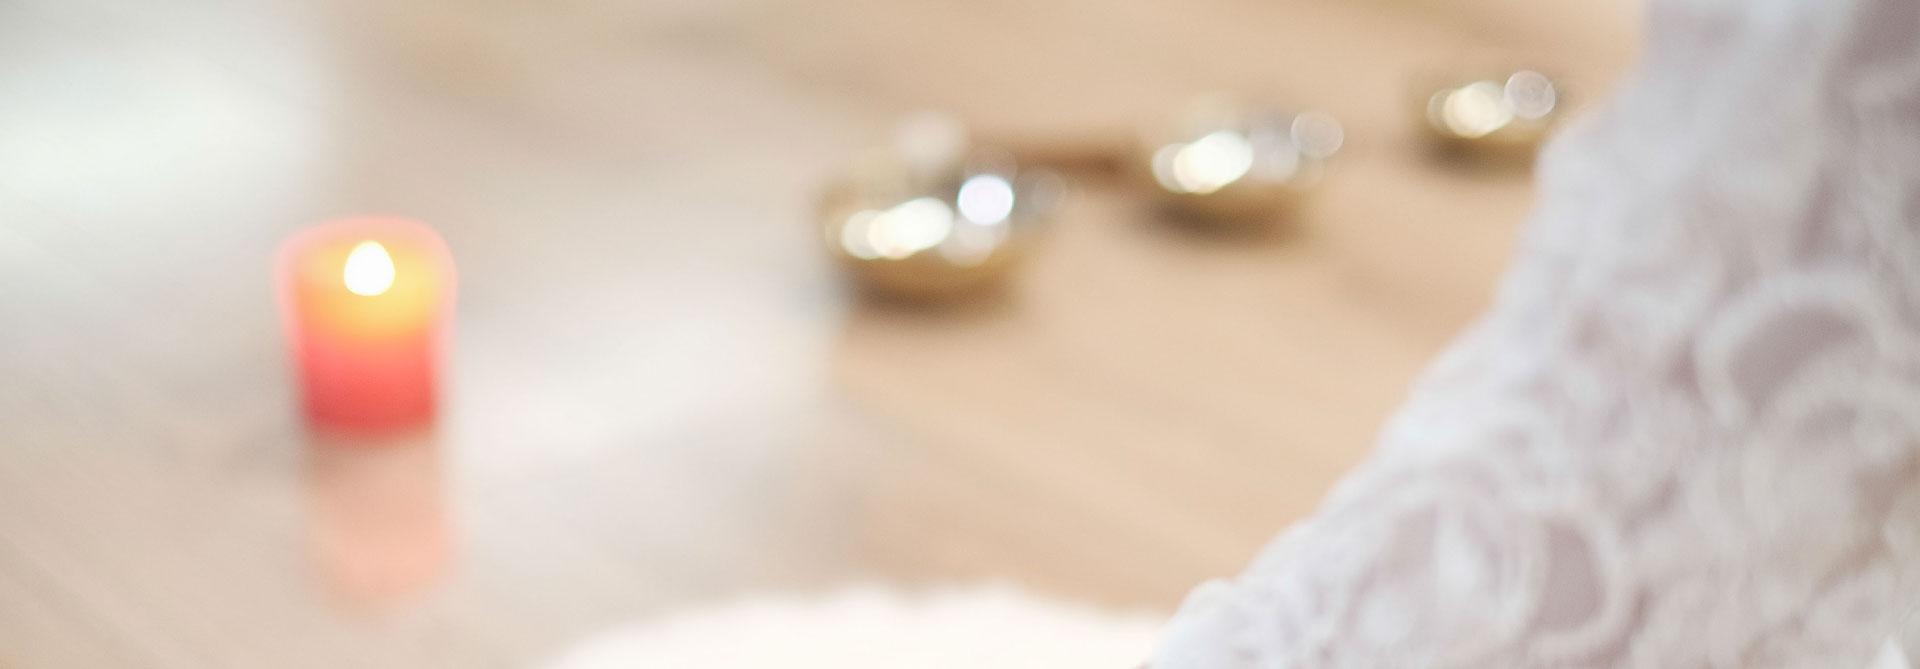 reflexion philosophique liée au yoga